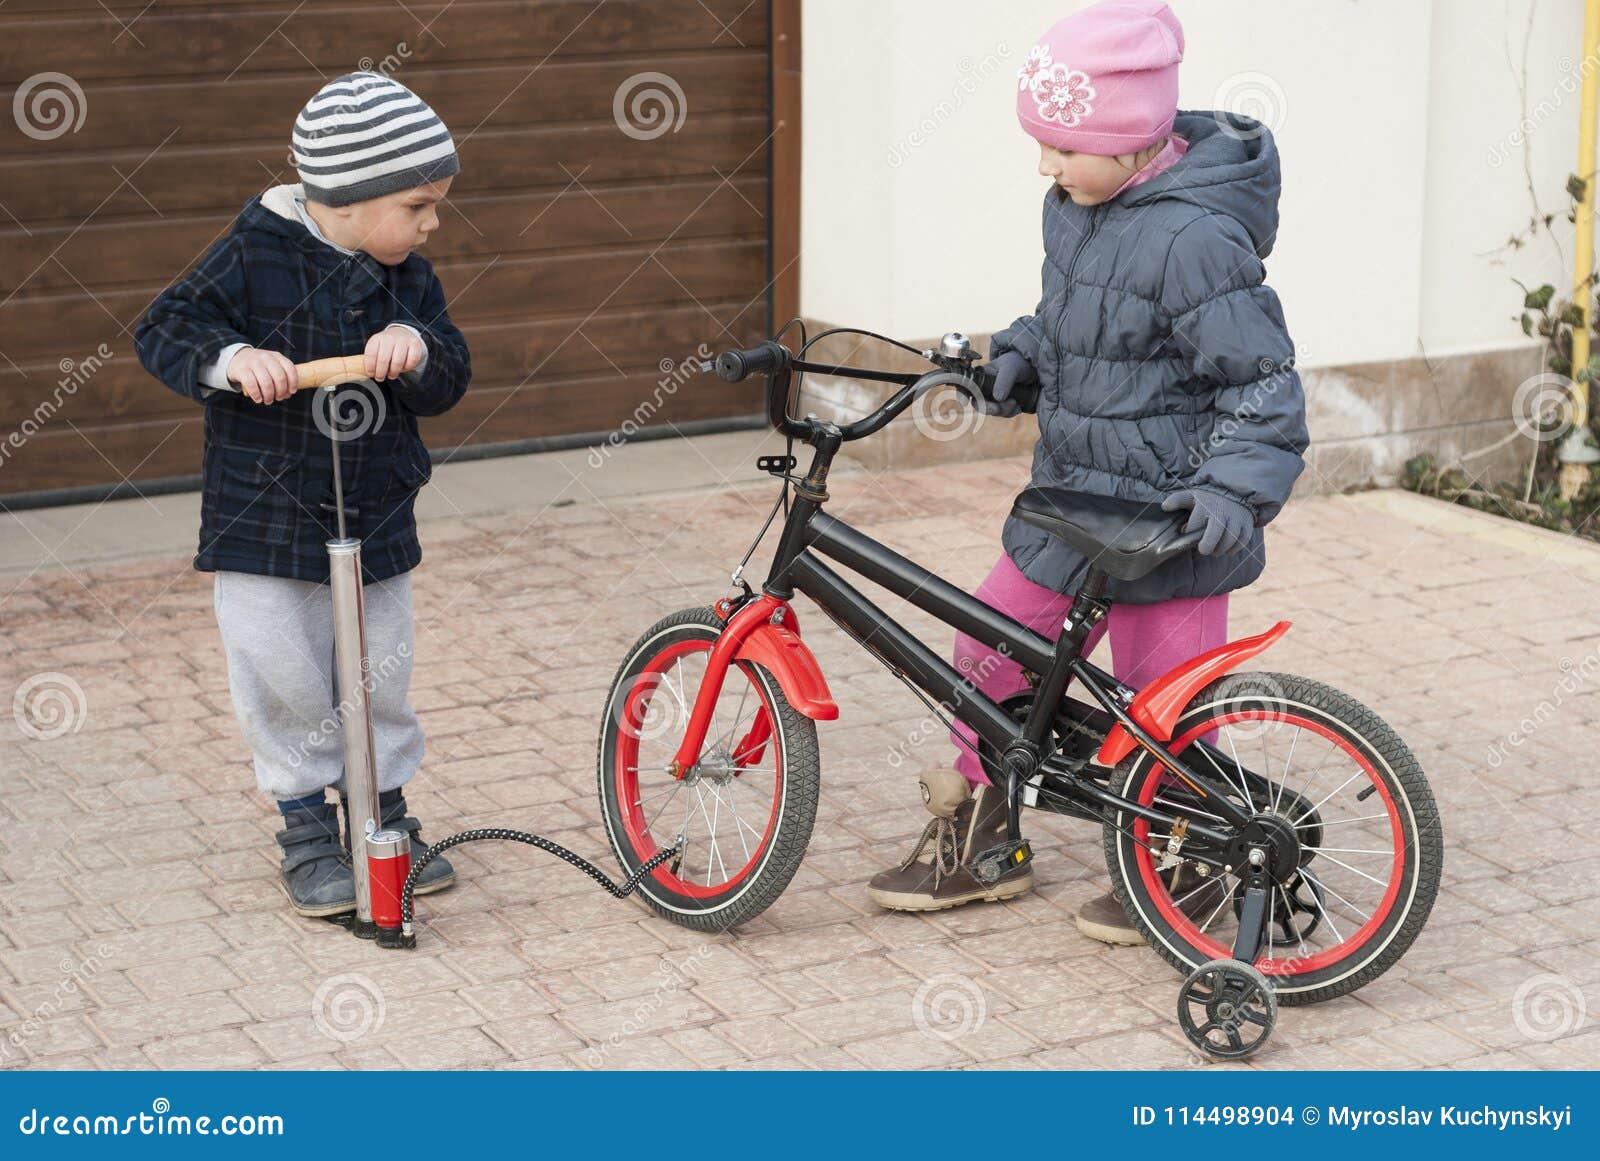 Il ragazzino e la ragazza riparano una bicicletta